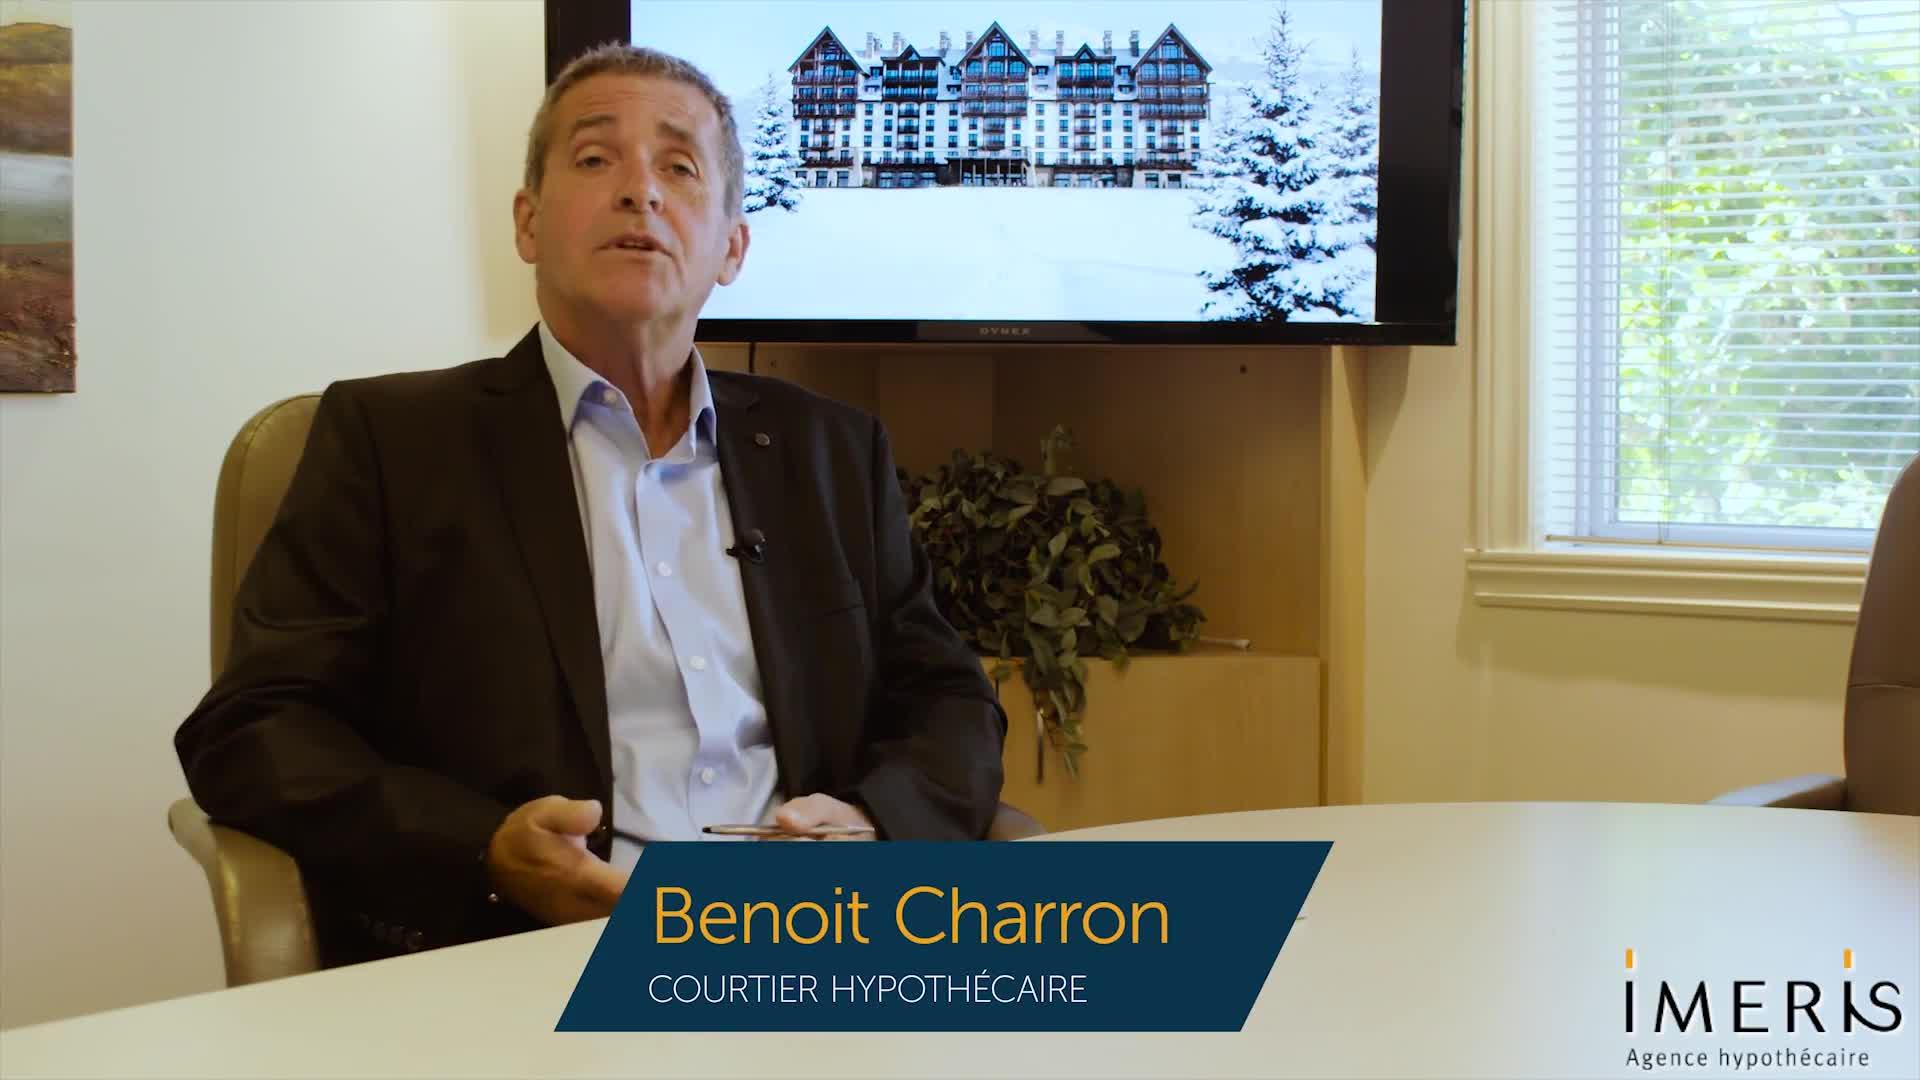 Benoit Charron Courtier Hypothécaire Imeris - Courtiers en hypothèque - 514-984-6665